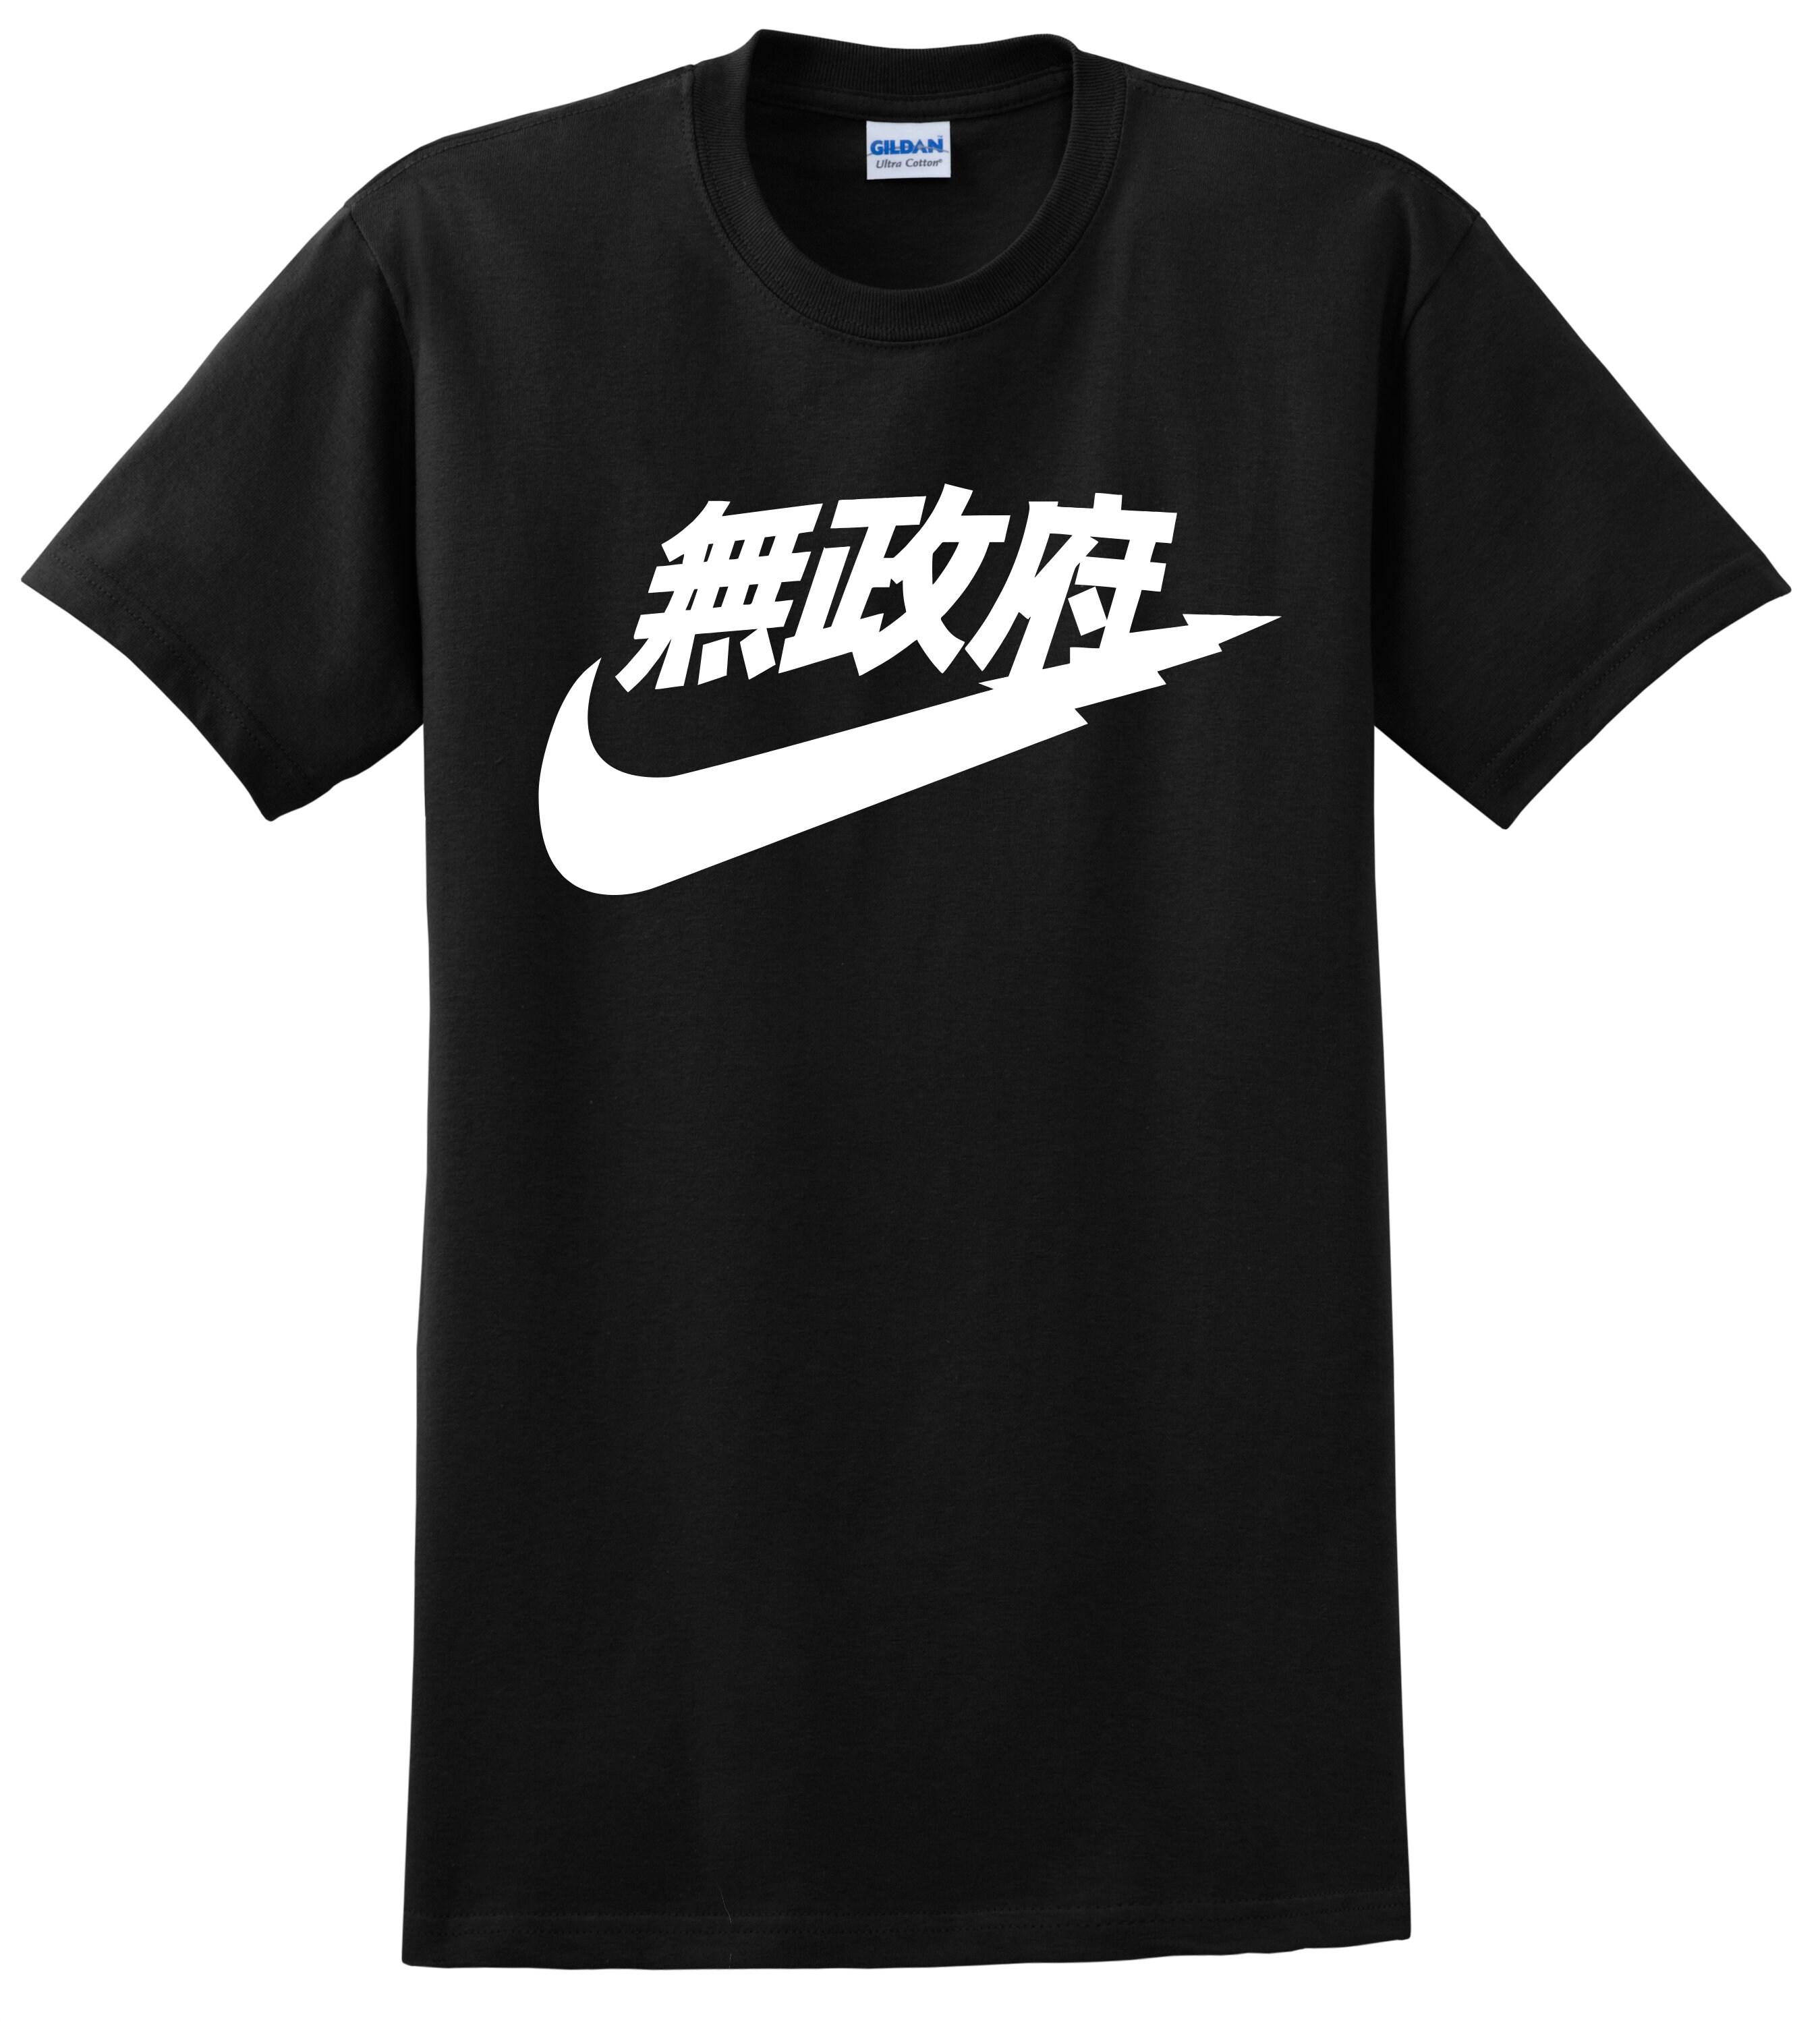 8b47e763b0cf1 Nike Japan T Shirt Japanese Nike Air Tokyo Hooded Tee Shirts